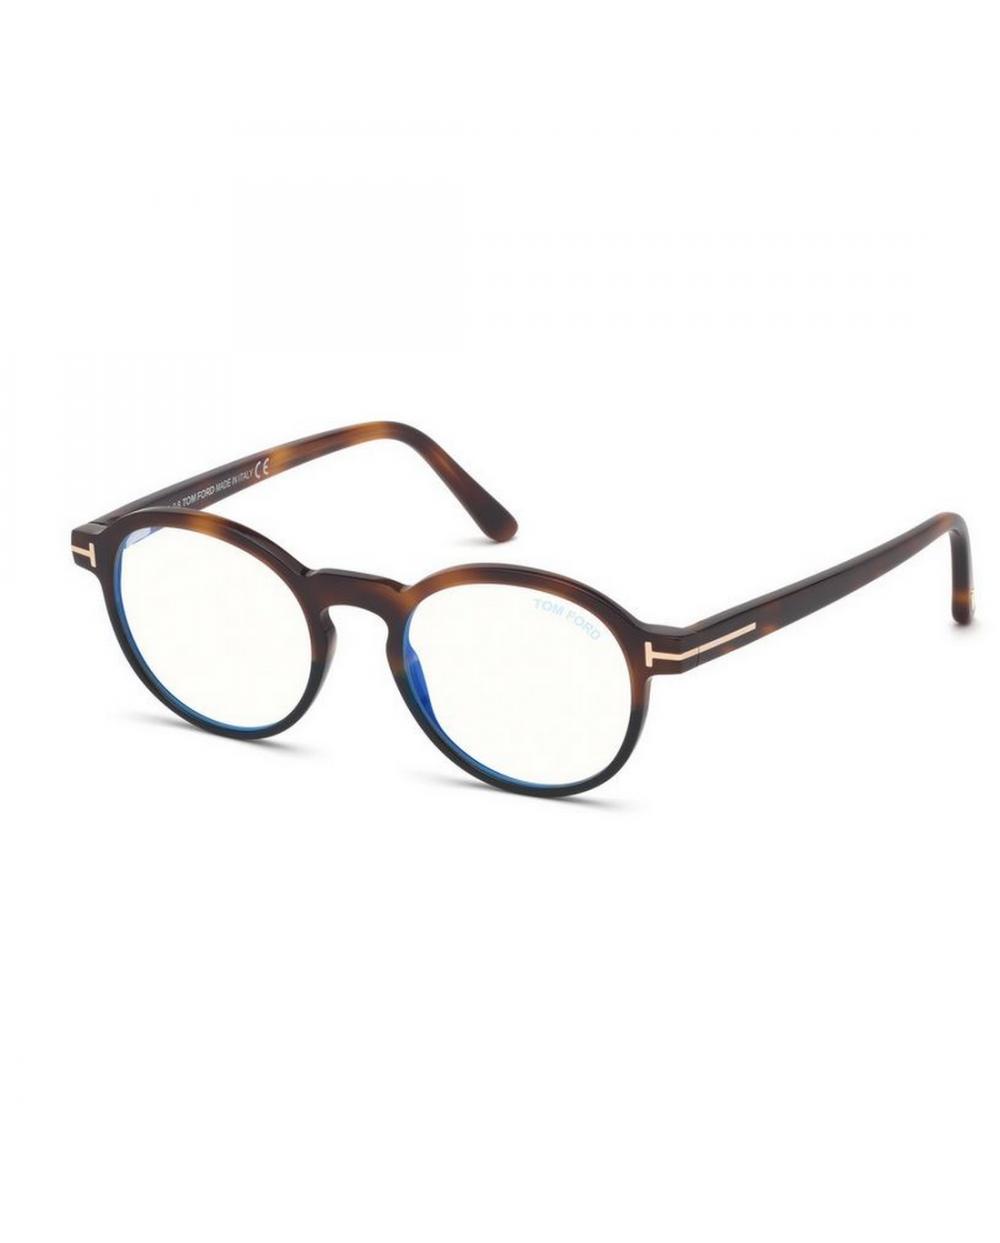 Eyewear eyeglasses Tom Ford FT 5606 original packaging warranty italy